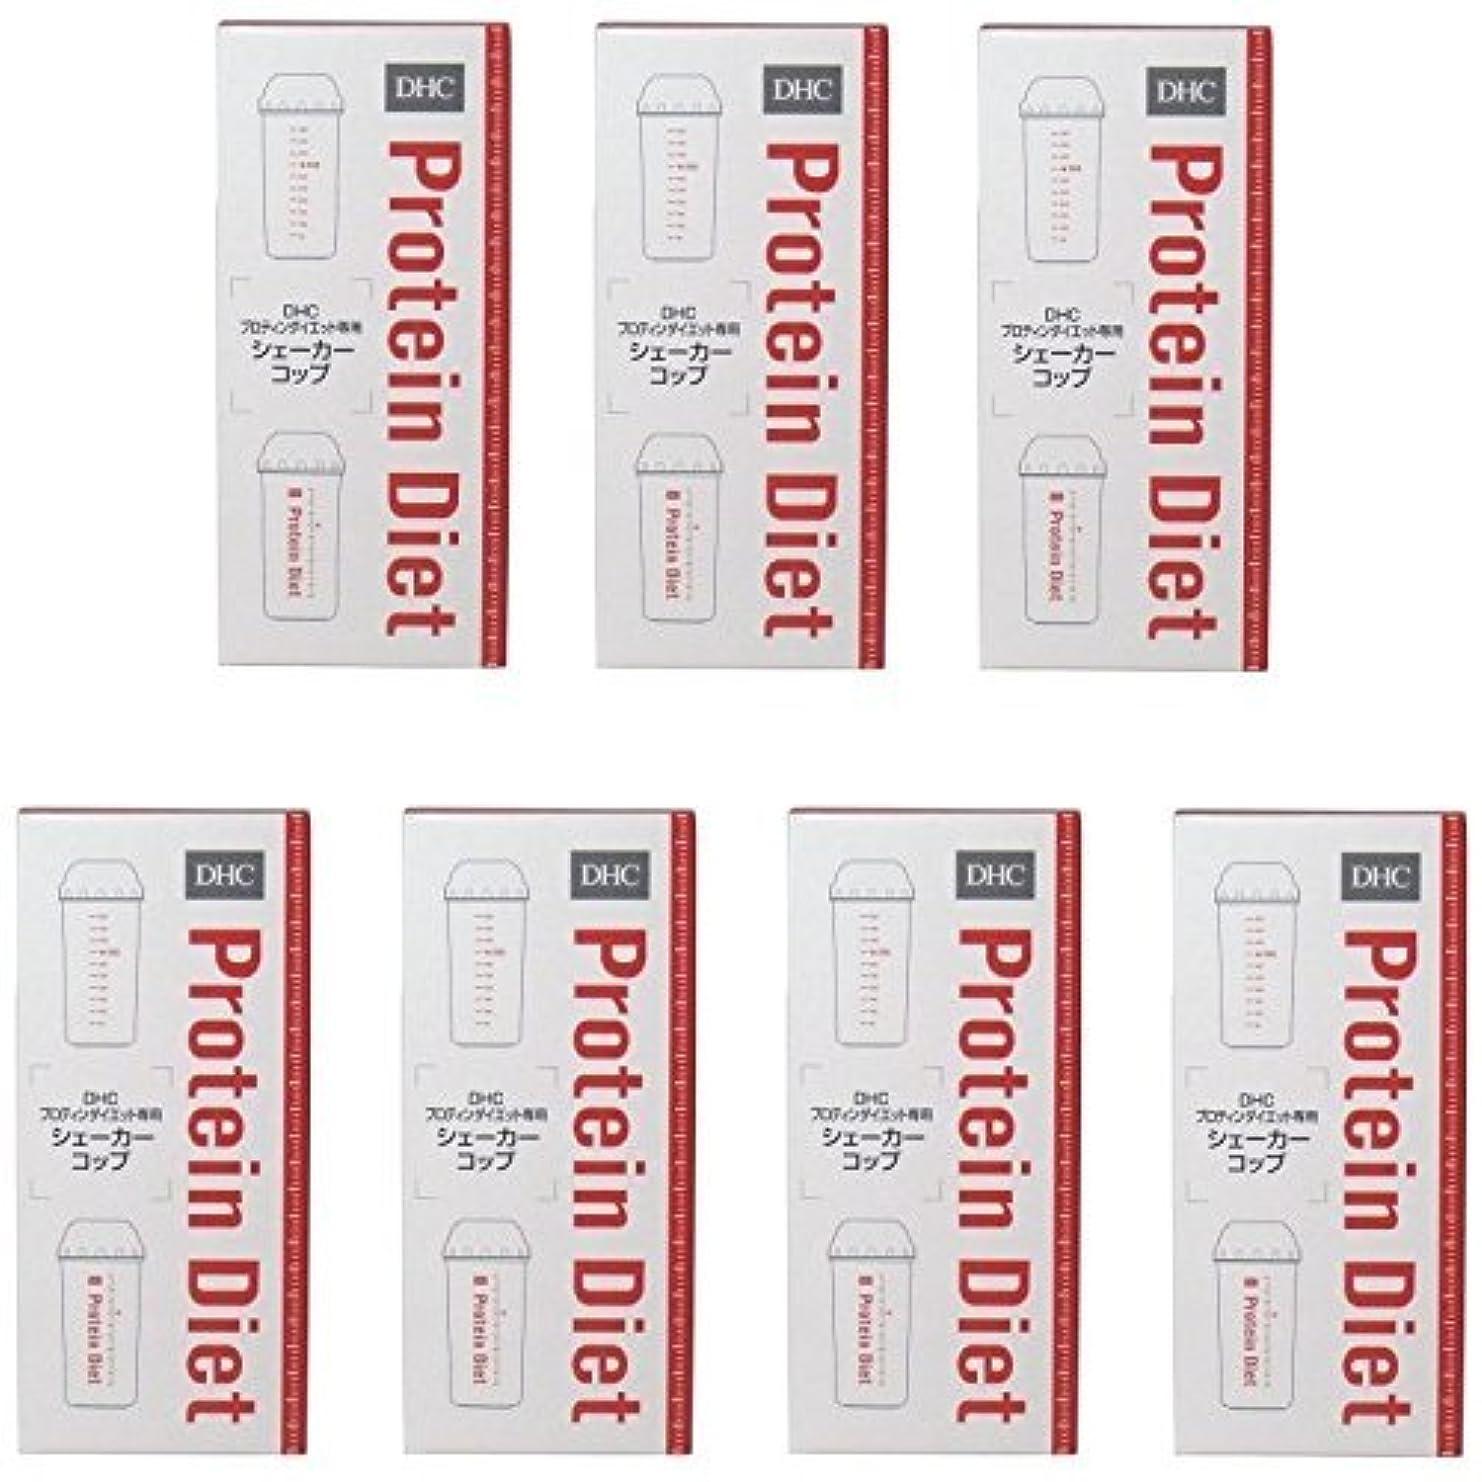 アパートベーコンダウン【まとめ買い】DHC プロティンダイエット専用シェーカーコップ 1個【×7セット】